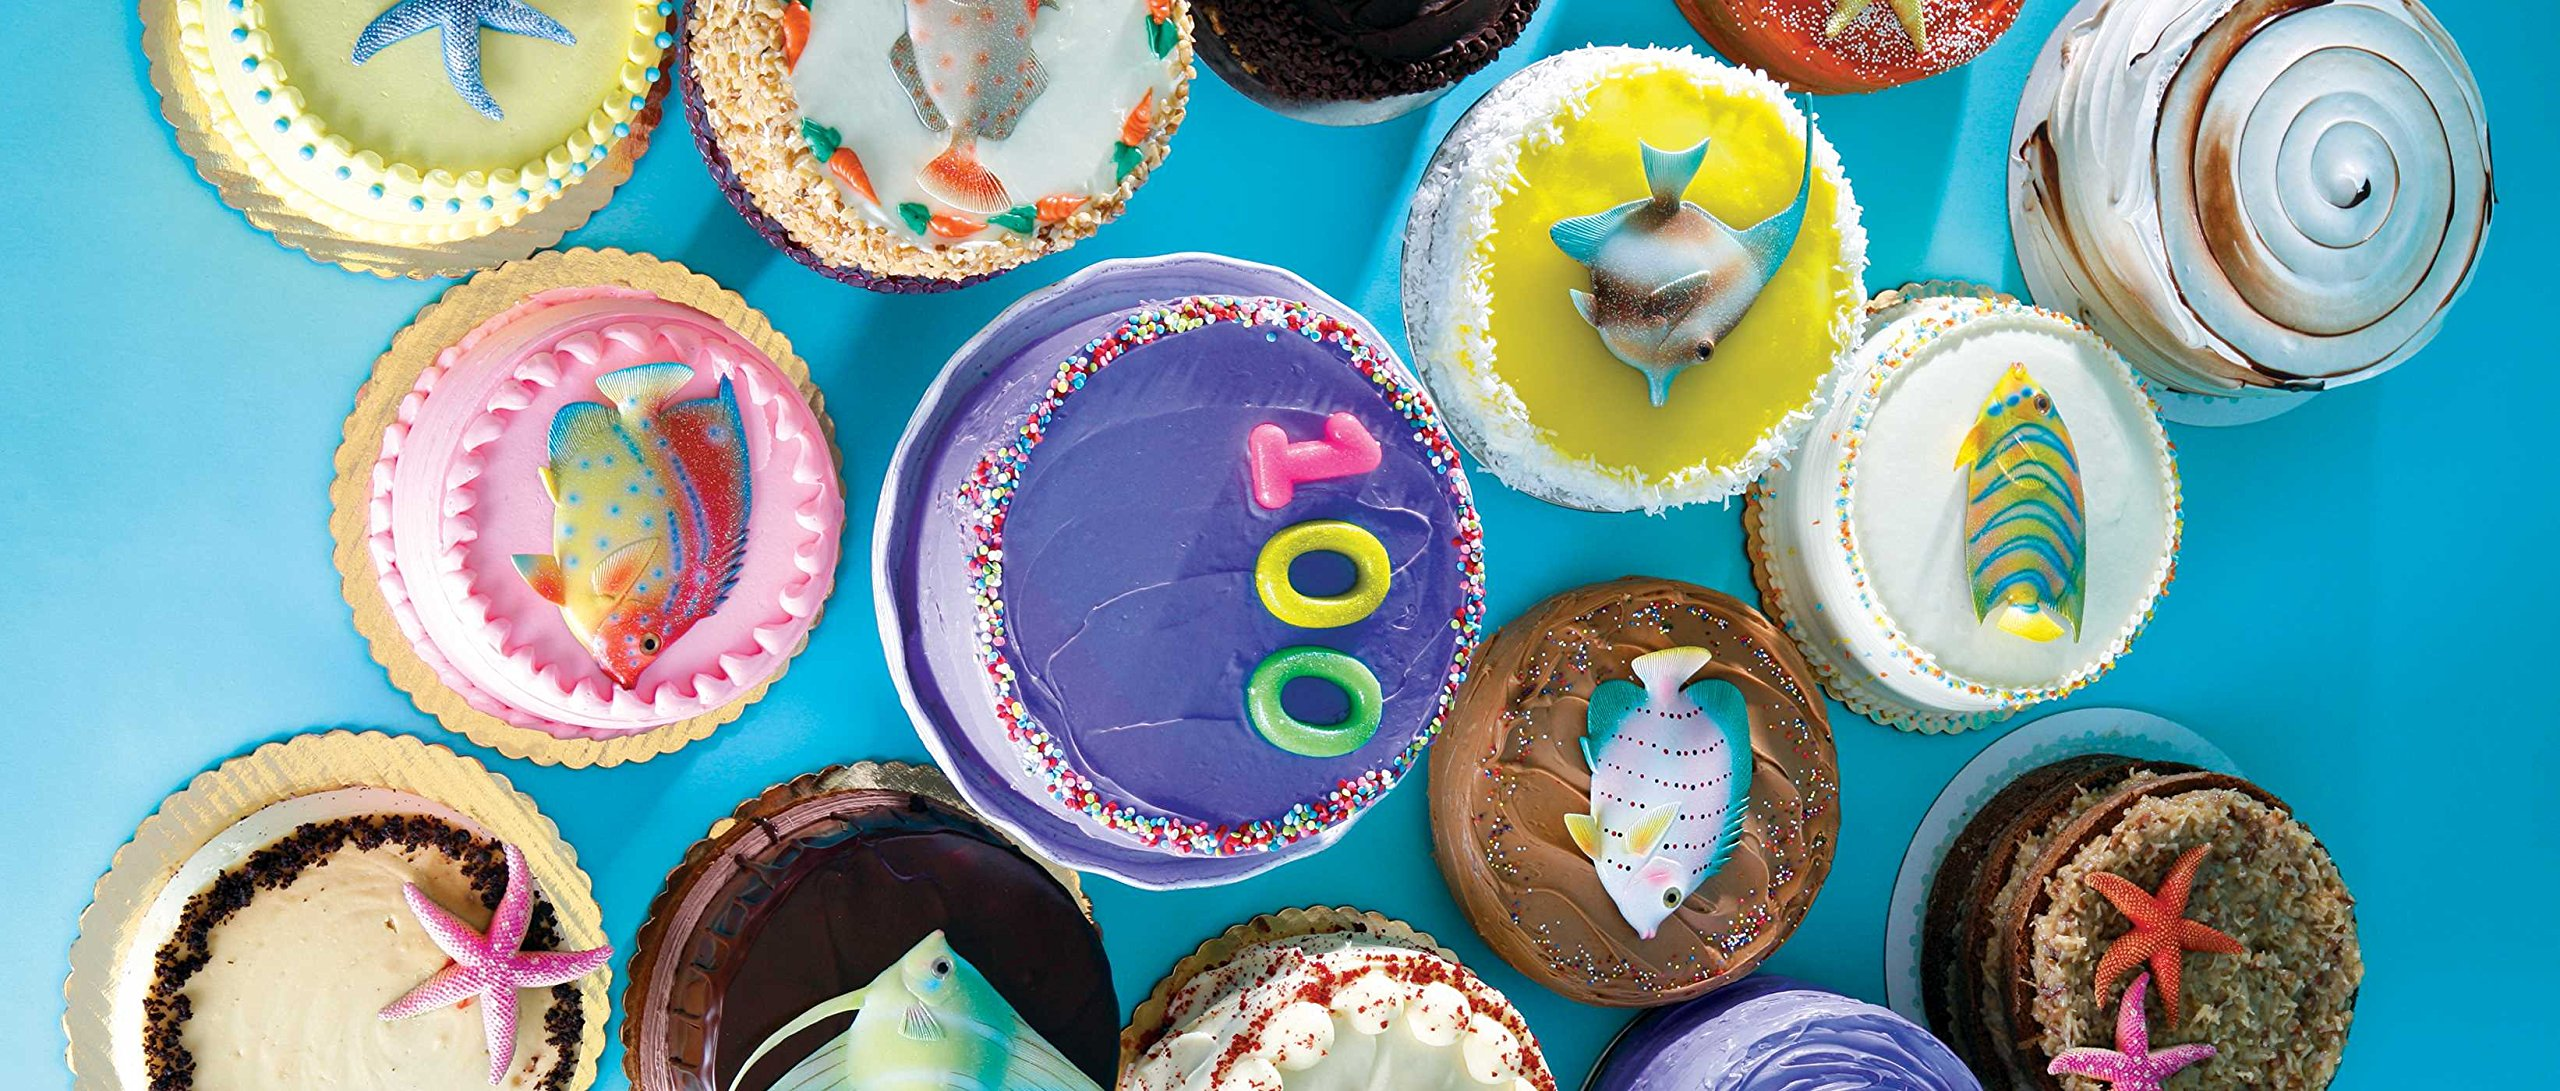 100 Days of Cake: Amazon.ca: Goldhagen, Shari: Books